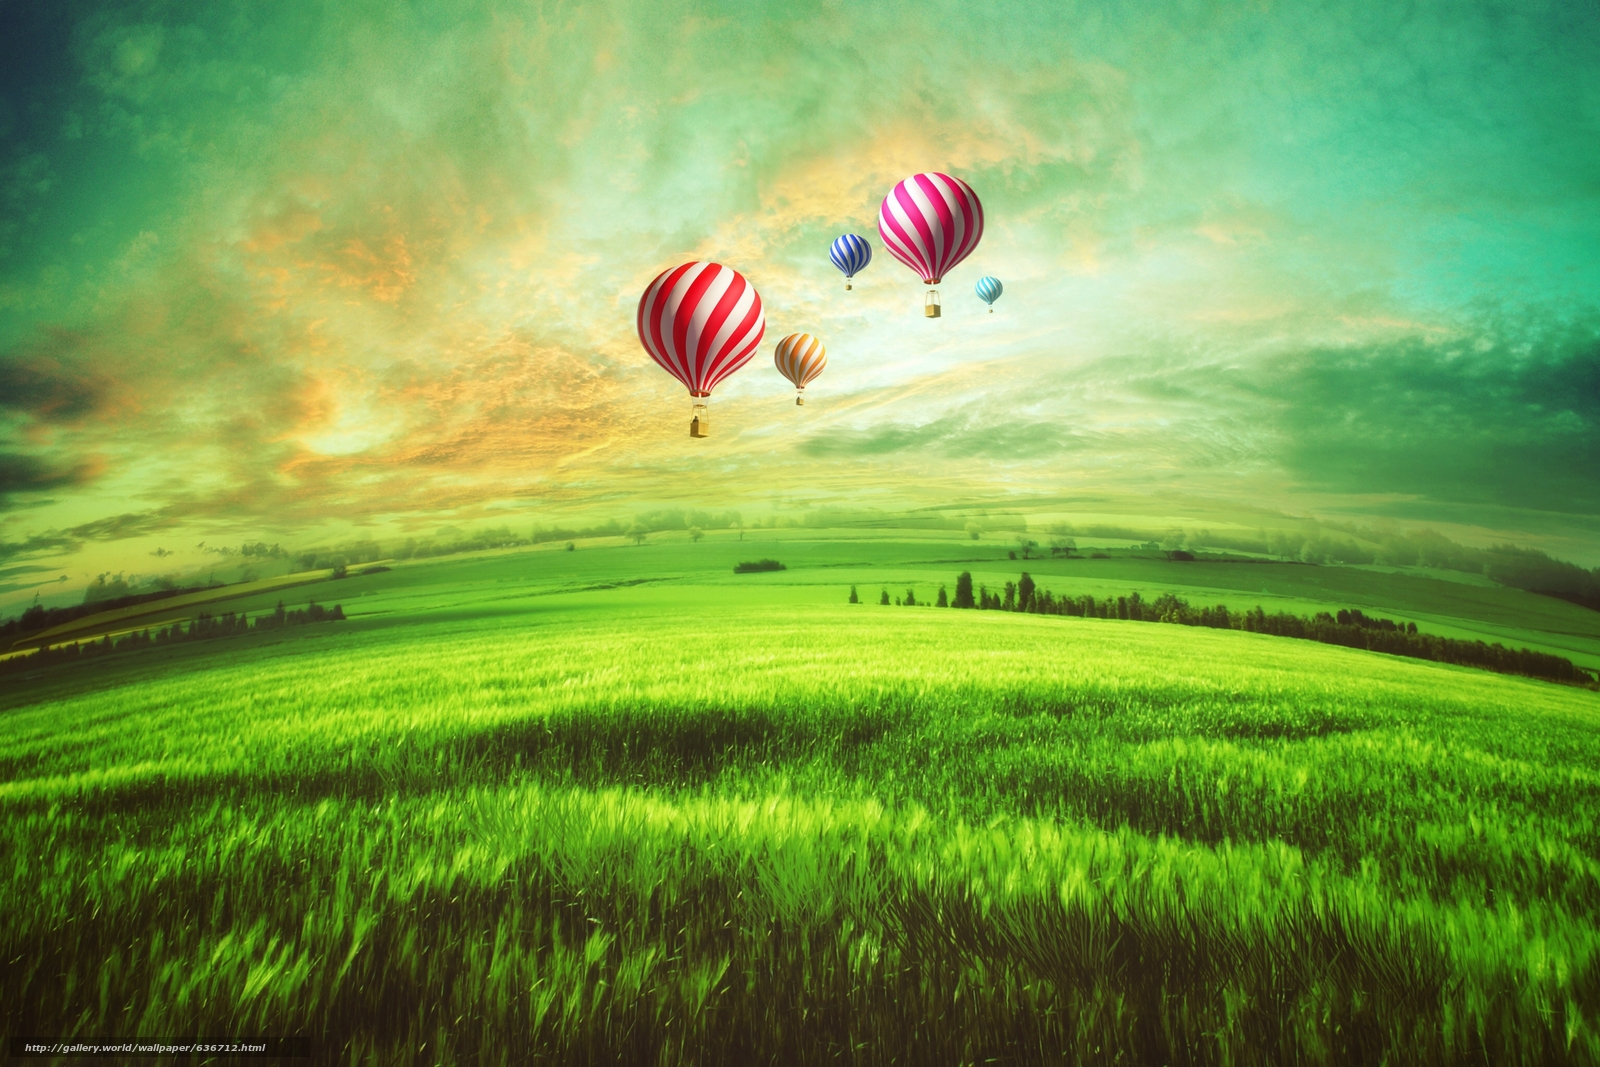 Скачать обои закат,  поле,  воздушные шары бесплатно для рабочего стола в разрешении 3072x2048 — картинка №636712